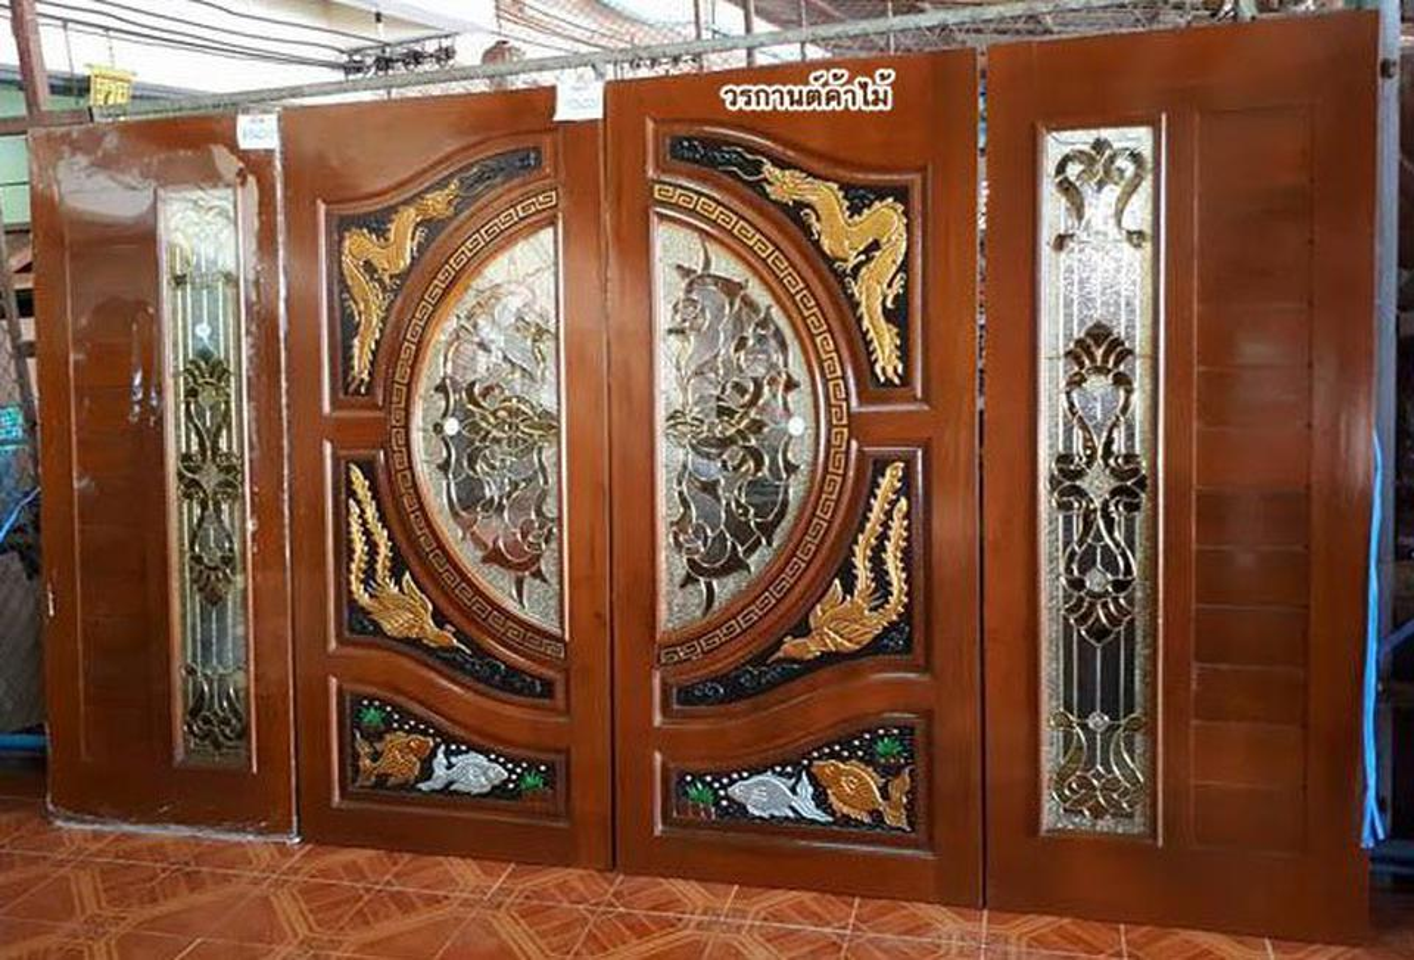 ร้านวรกานต์ค้าไม้ จำหน่าย ประตูไม้สัก กระจกนิรภัย,ประตูบานเลื่อนไม้สัก รูปที่ 2